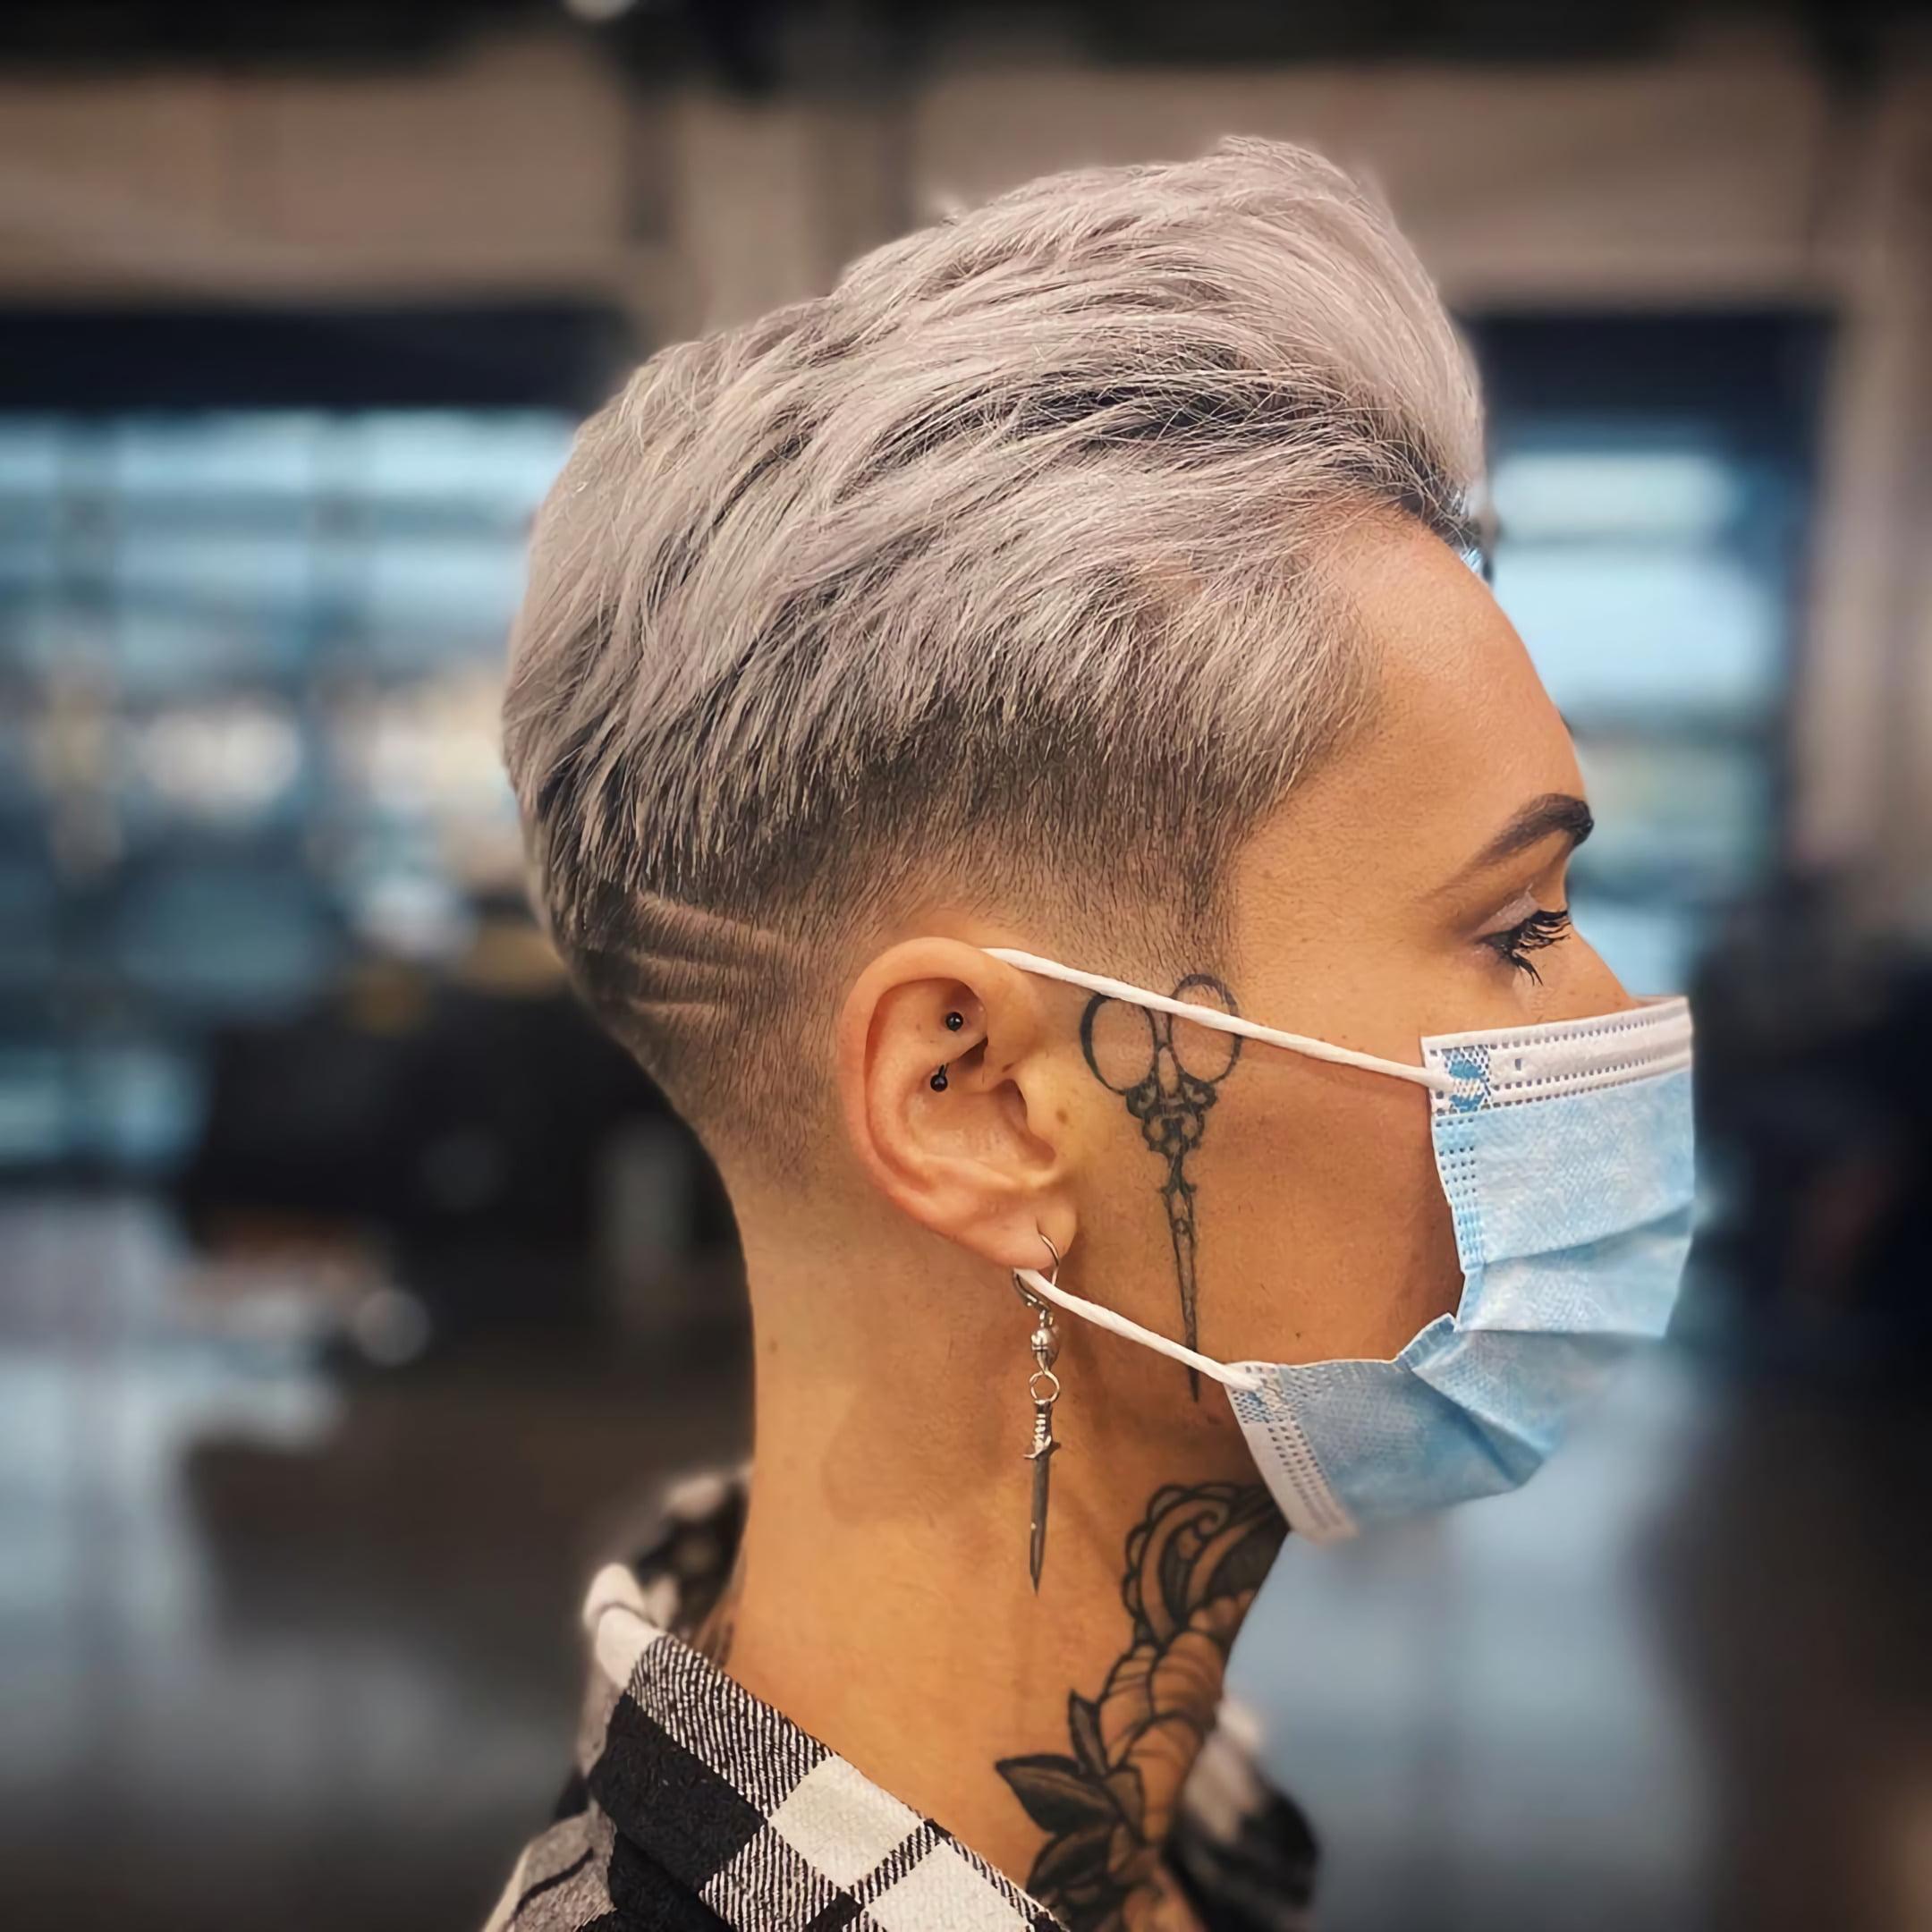 татуировка ножниц на лице